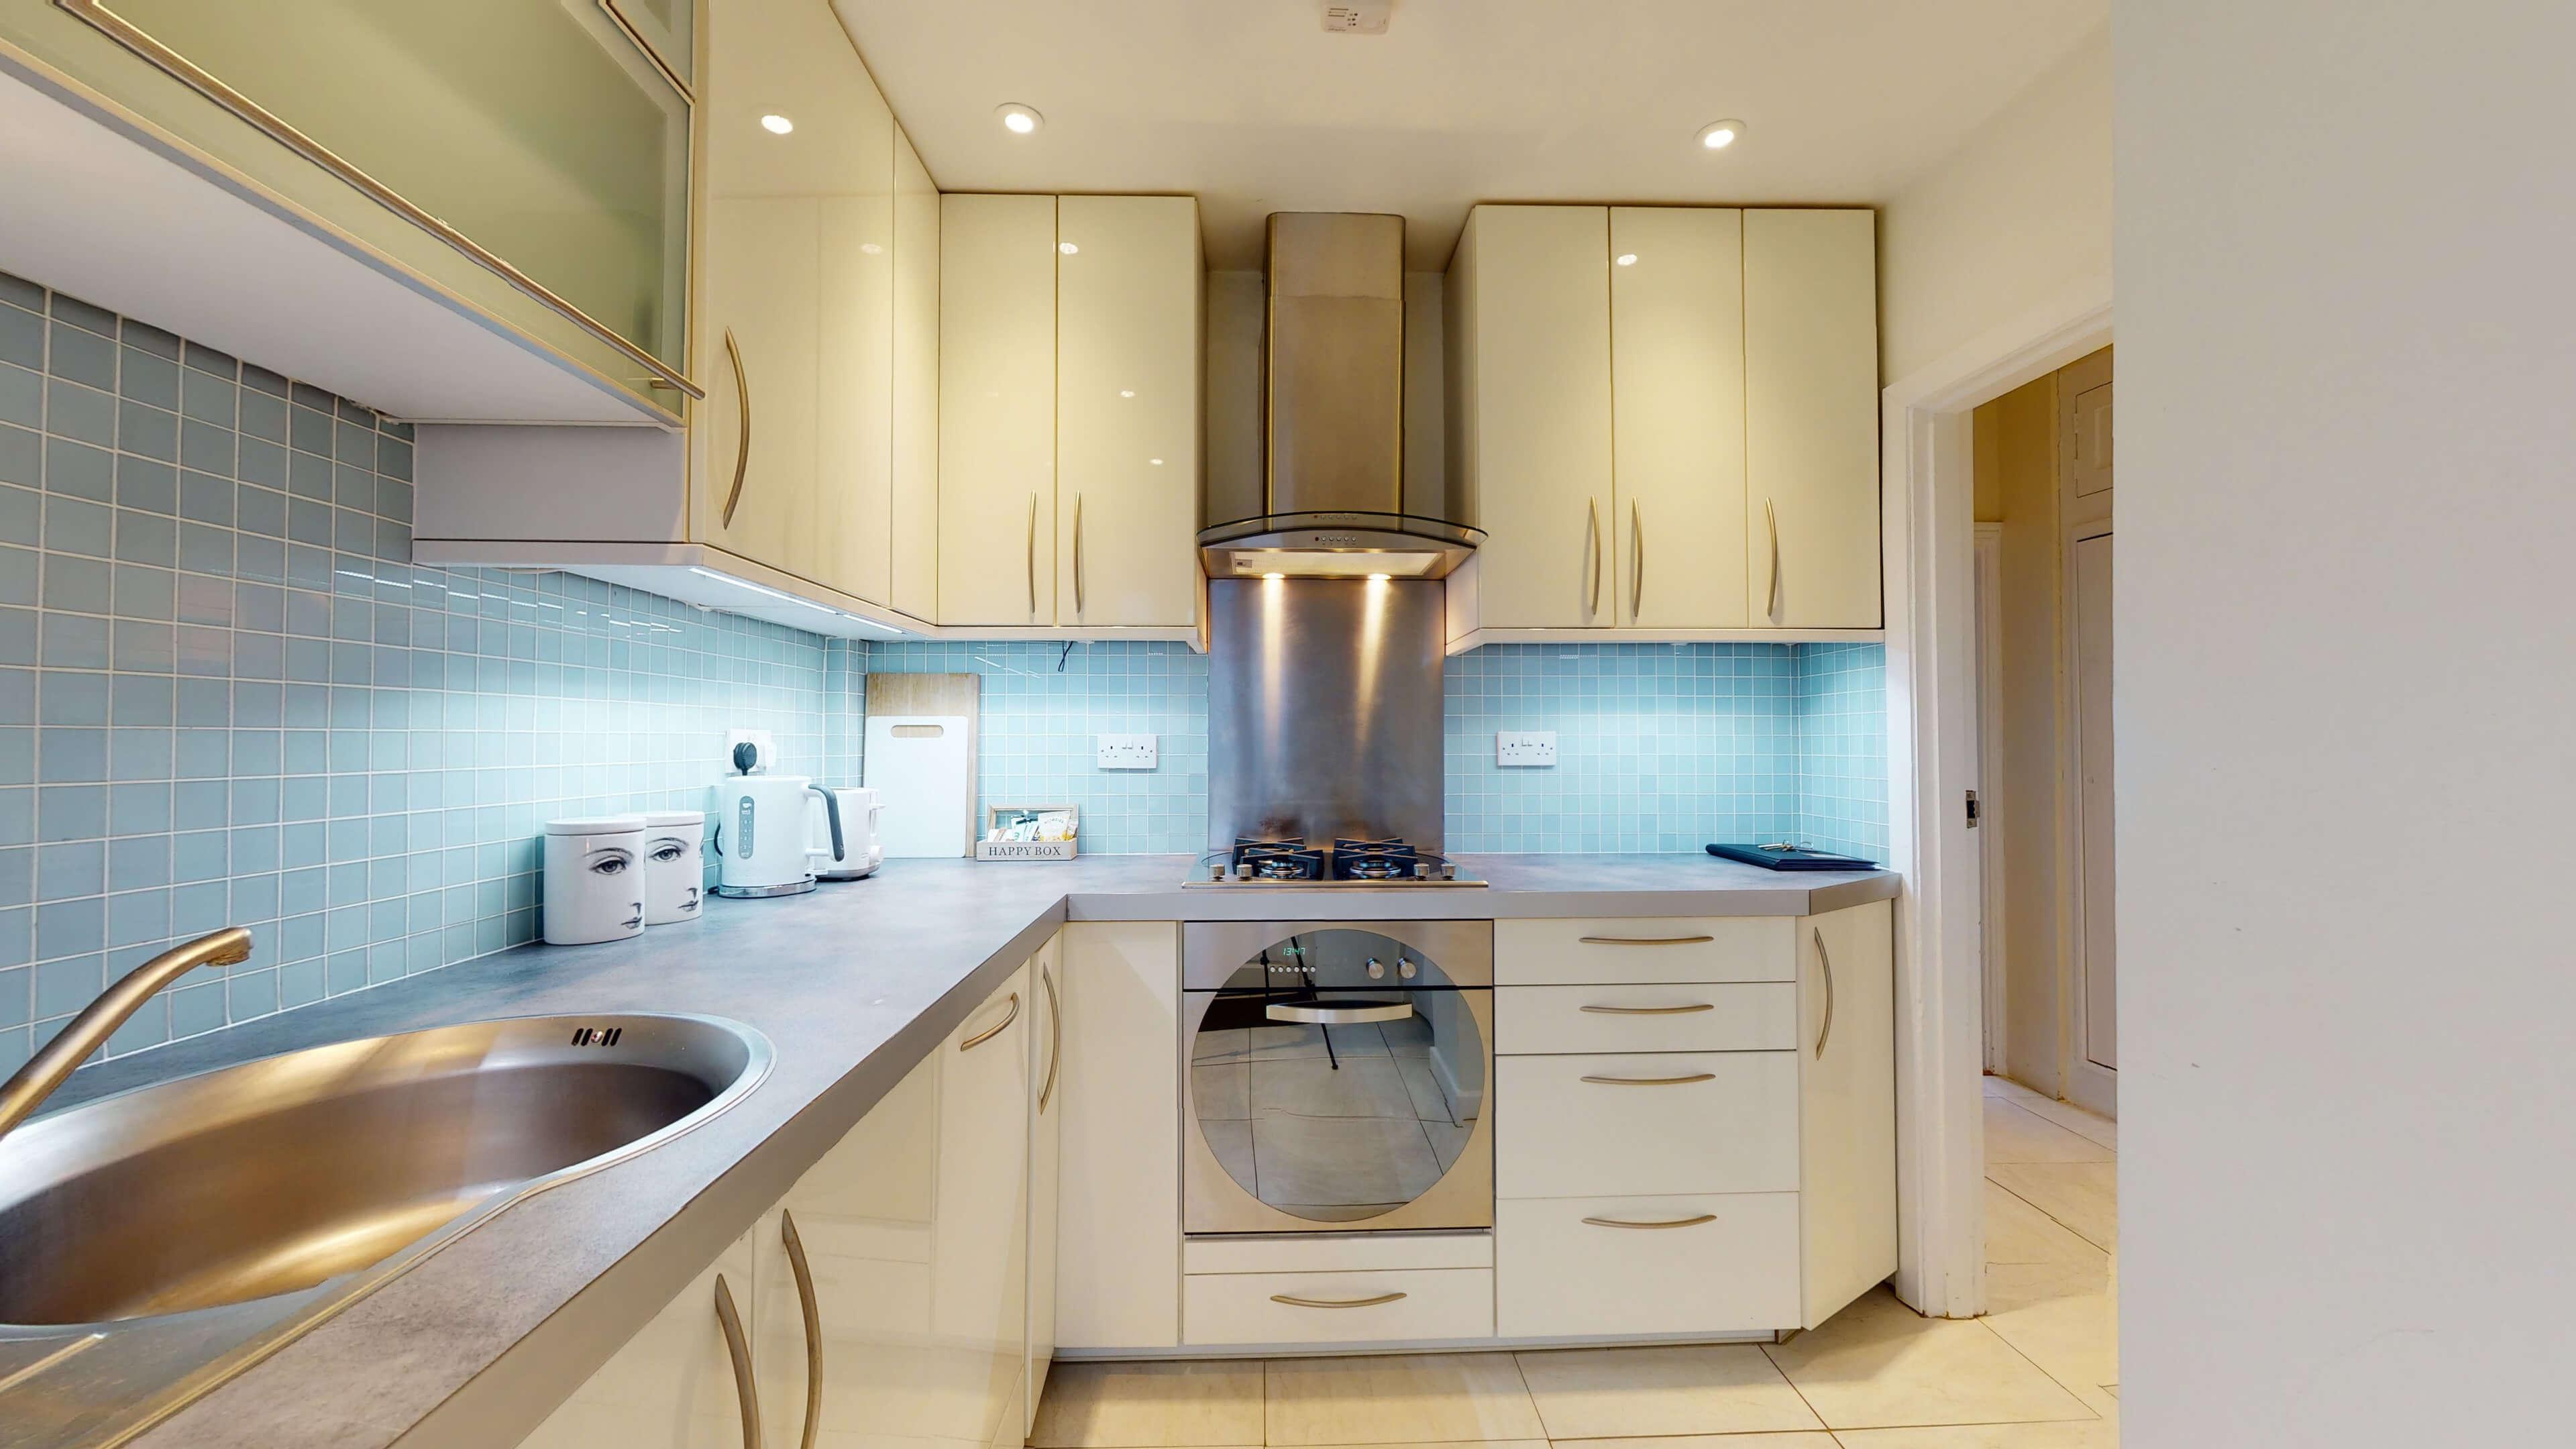 10A Rawlinson Road Rawlinson Road Kitchen1